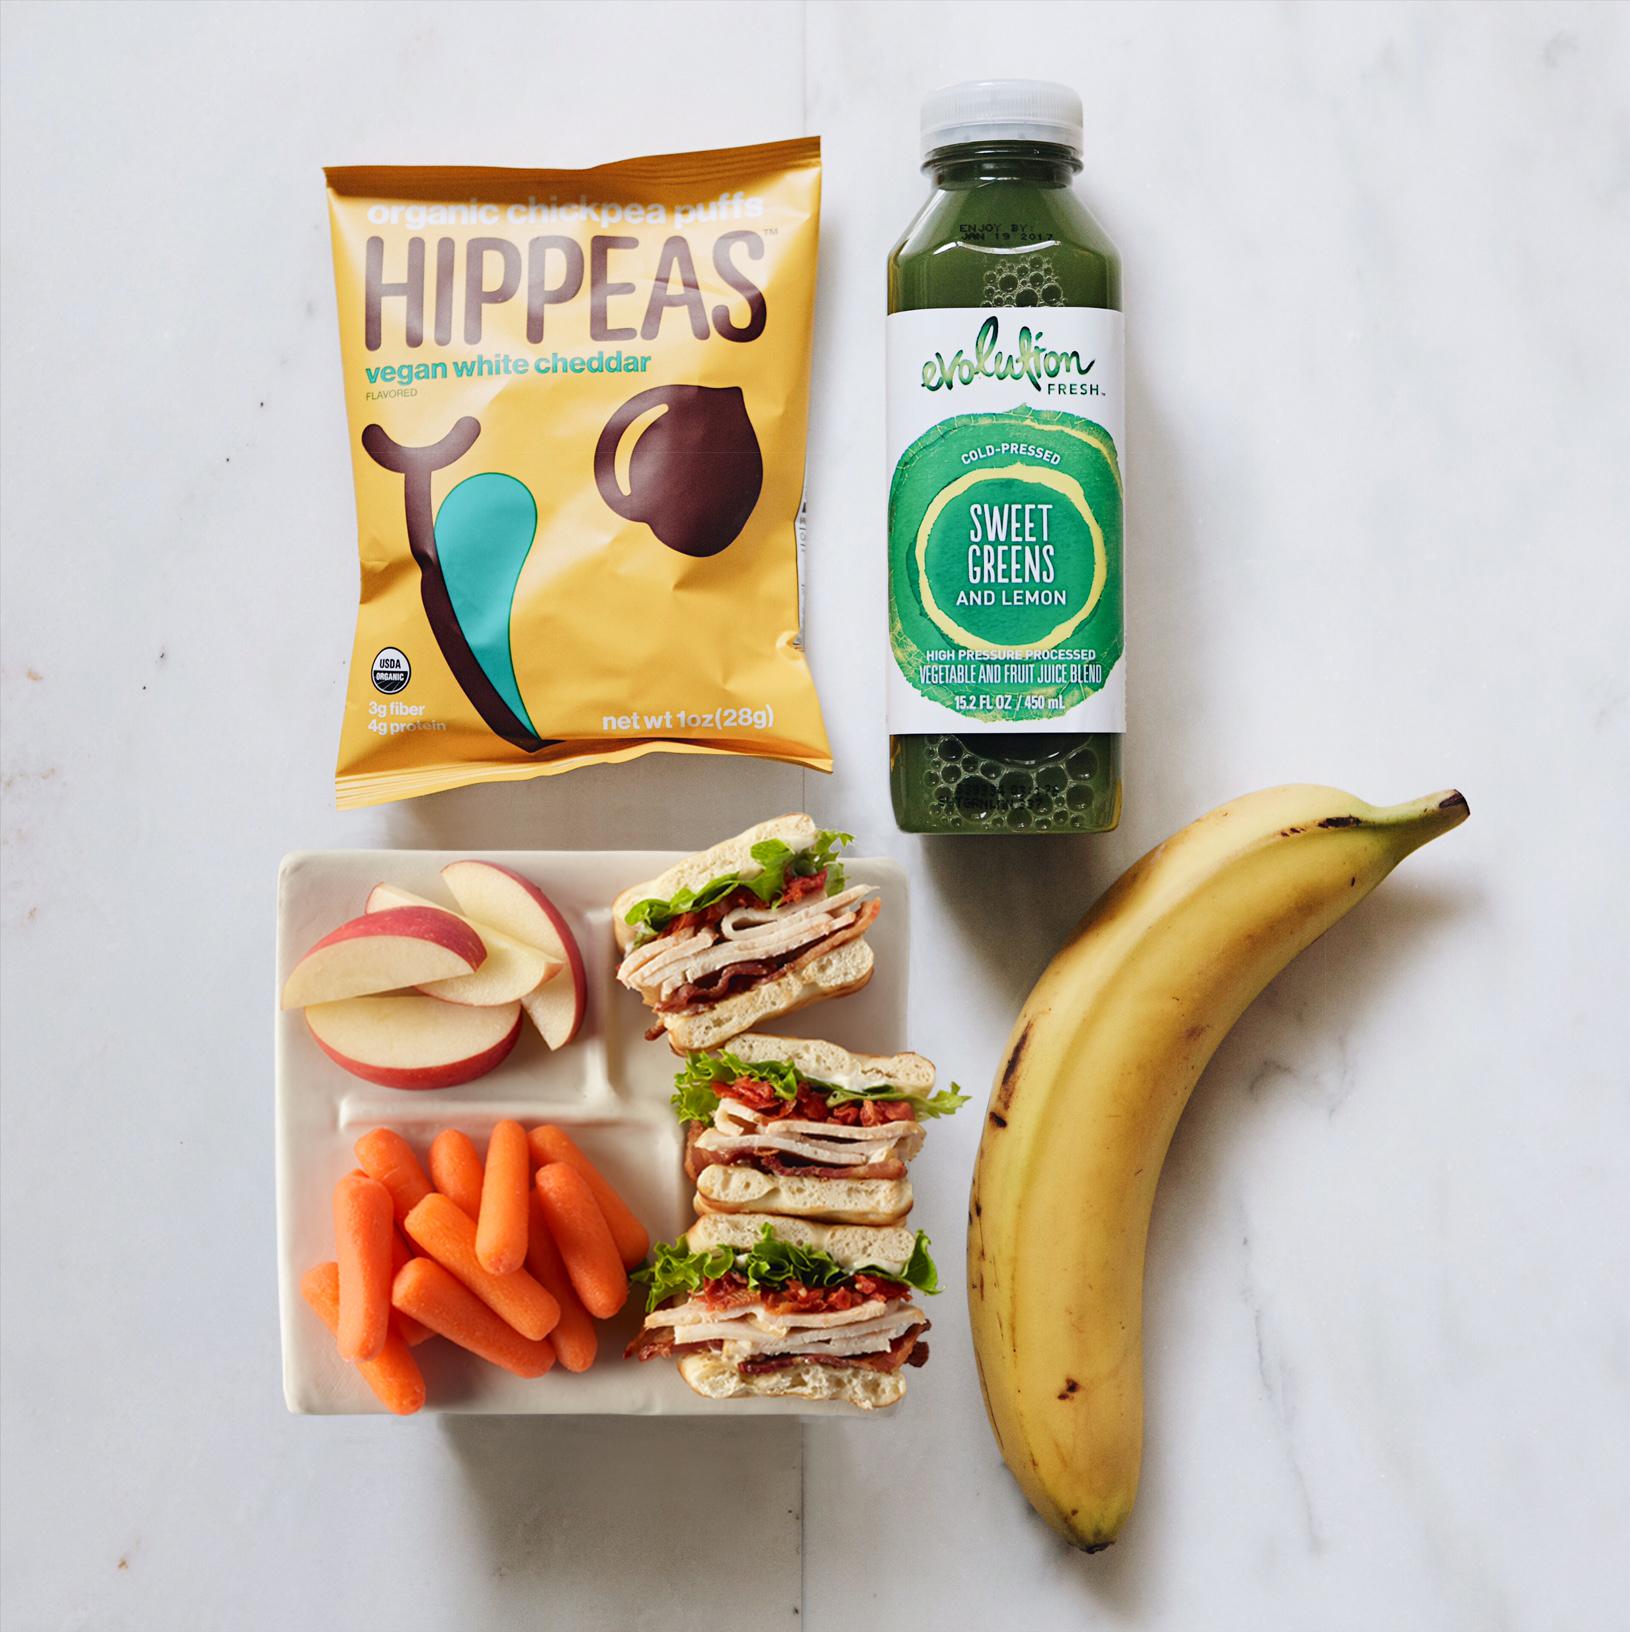 2019 wellness goals at Starbucks